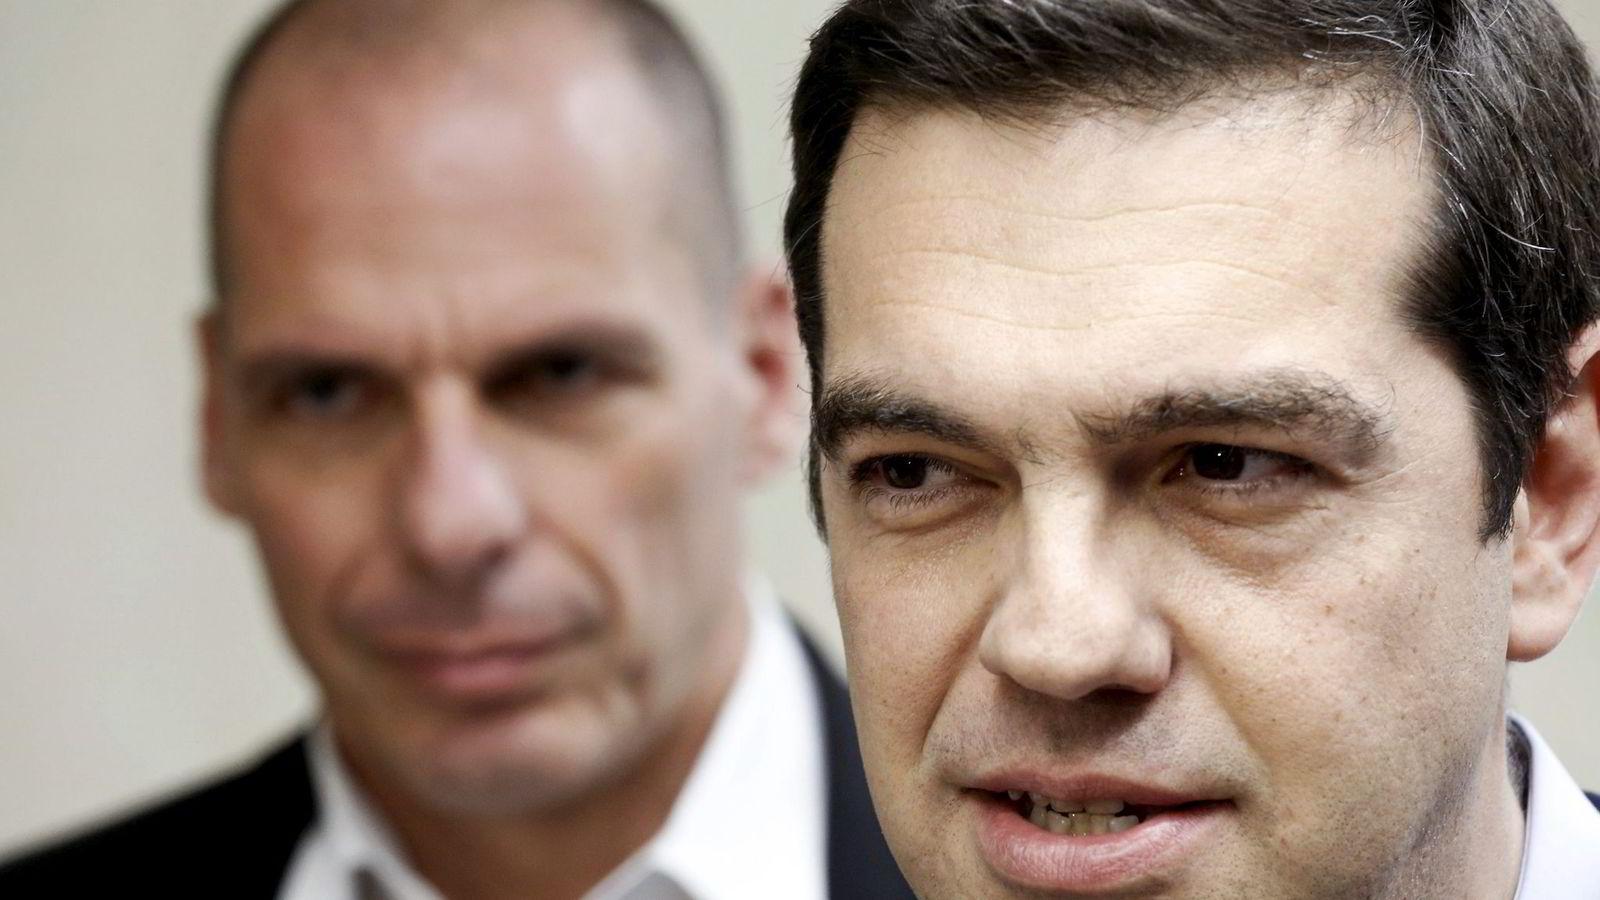 Hellas' statsminister Aleksis Tsipras (til høyre) og finansminister Yanis Varoufakis stenger greske banker og sender kreditorenes forslag til folkeavstemning. Foto: Alkis Konstantinidis, Reuters/NTB Scanpix